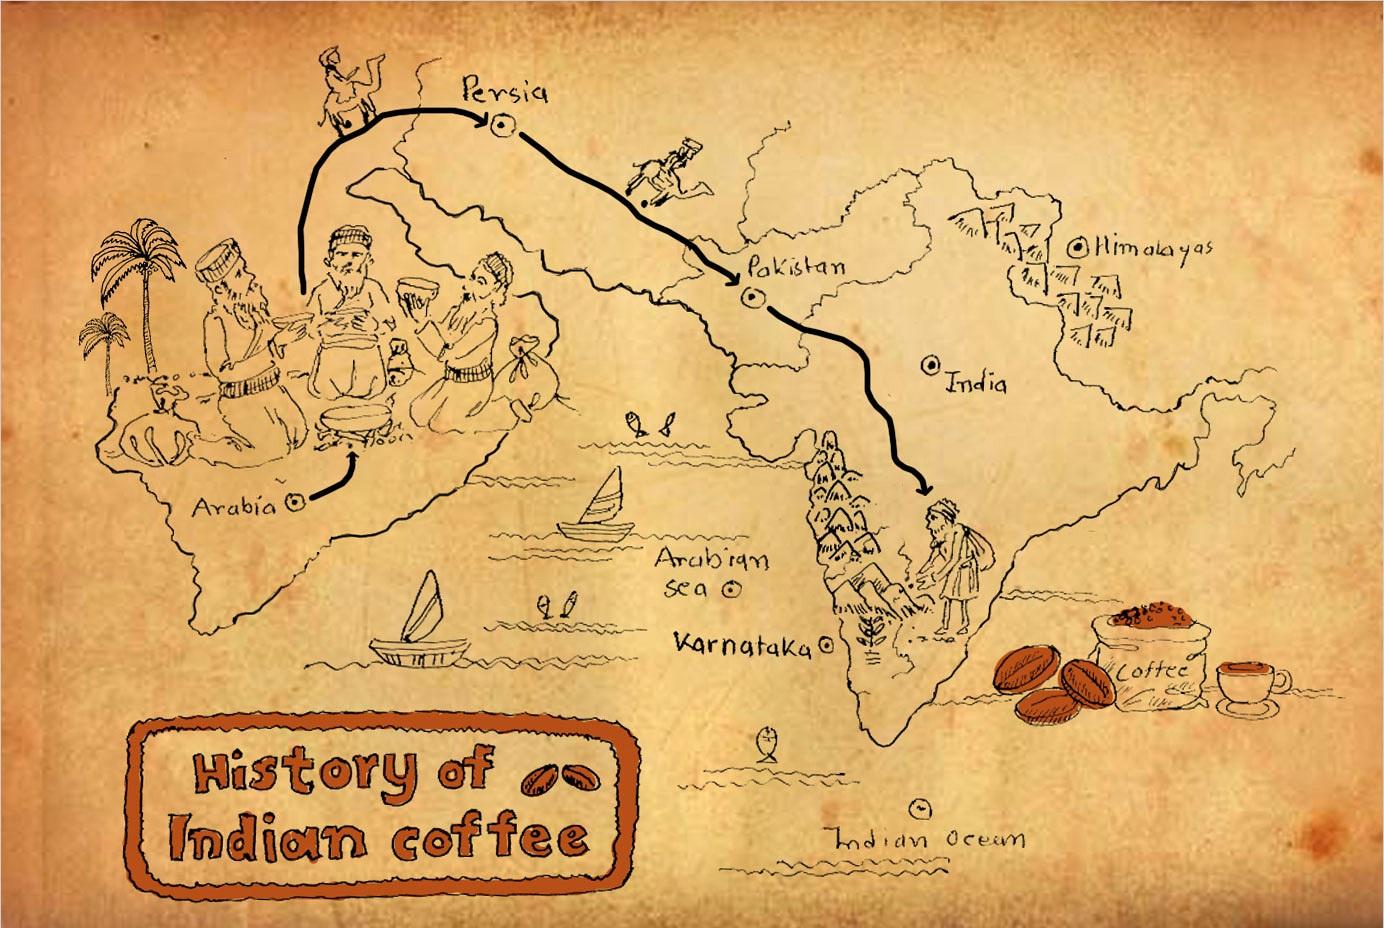 фото как кофе попал в Индию